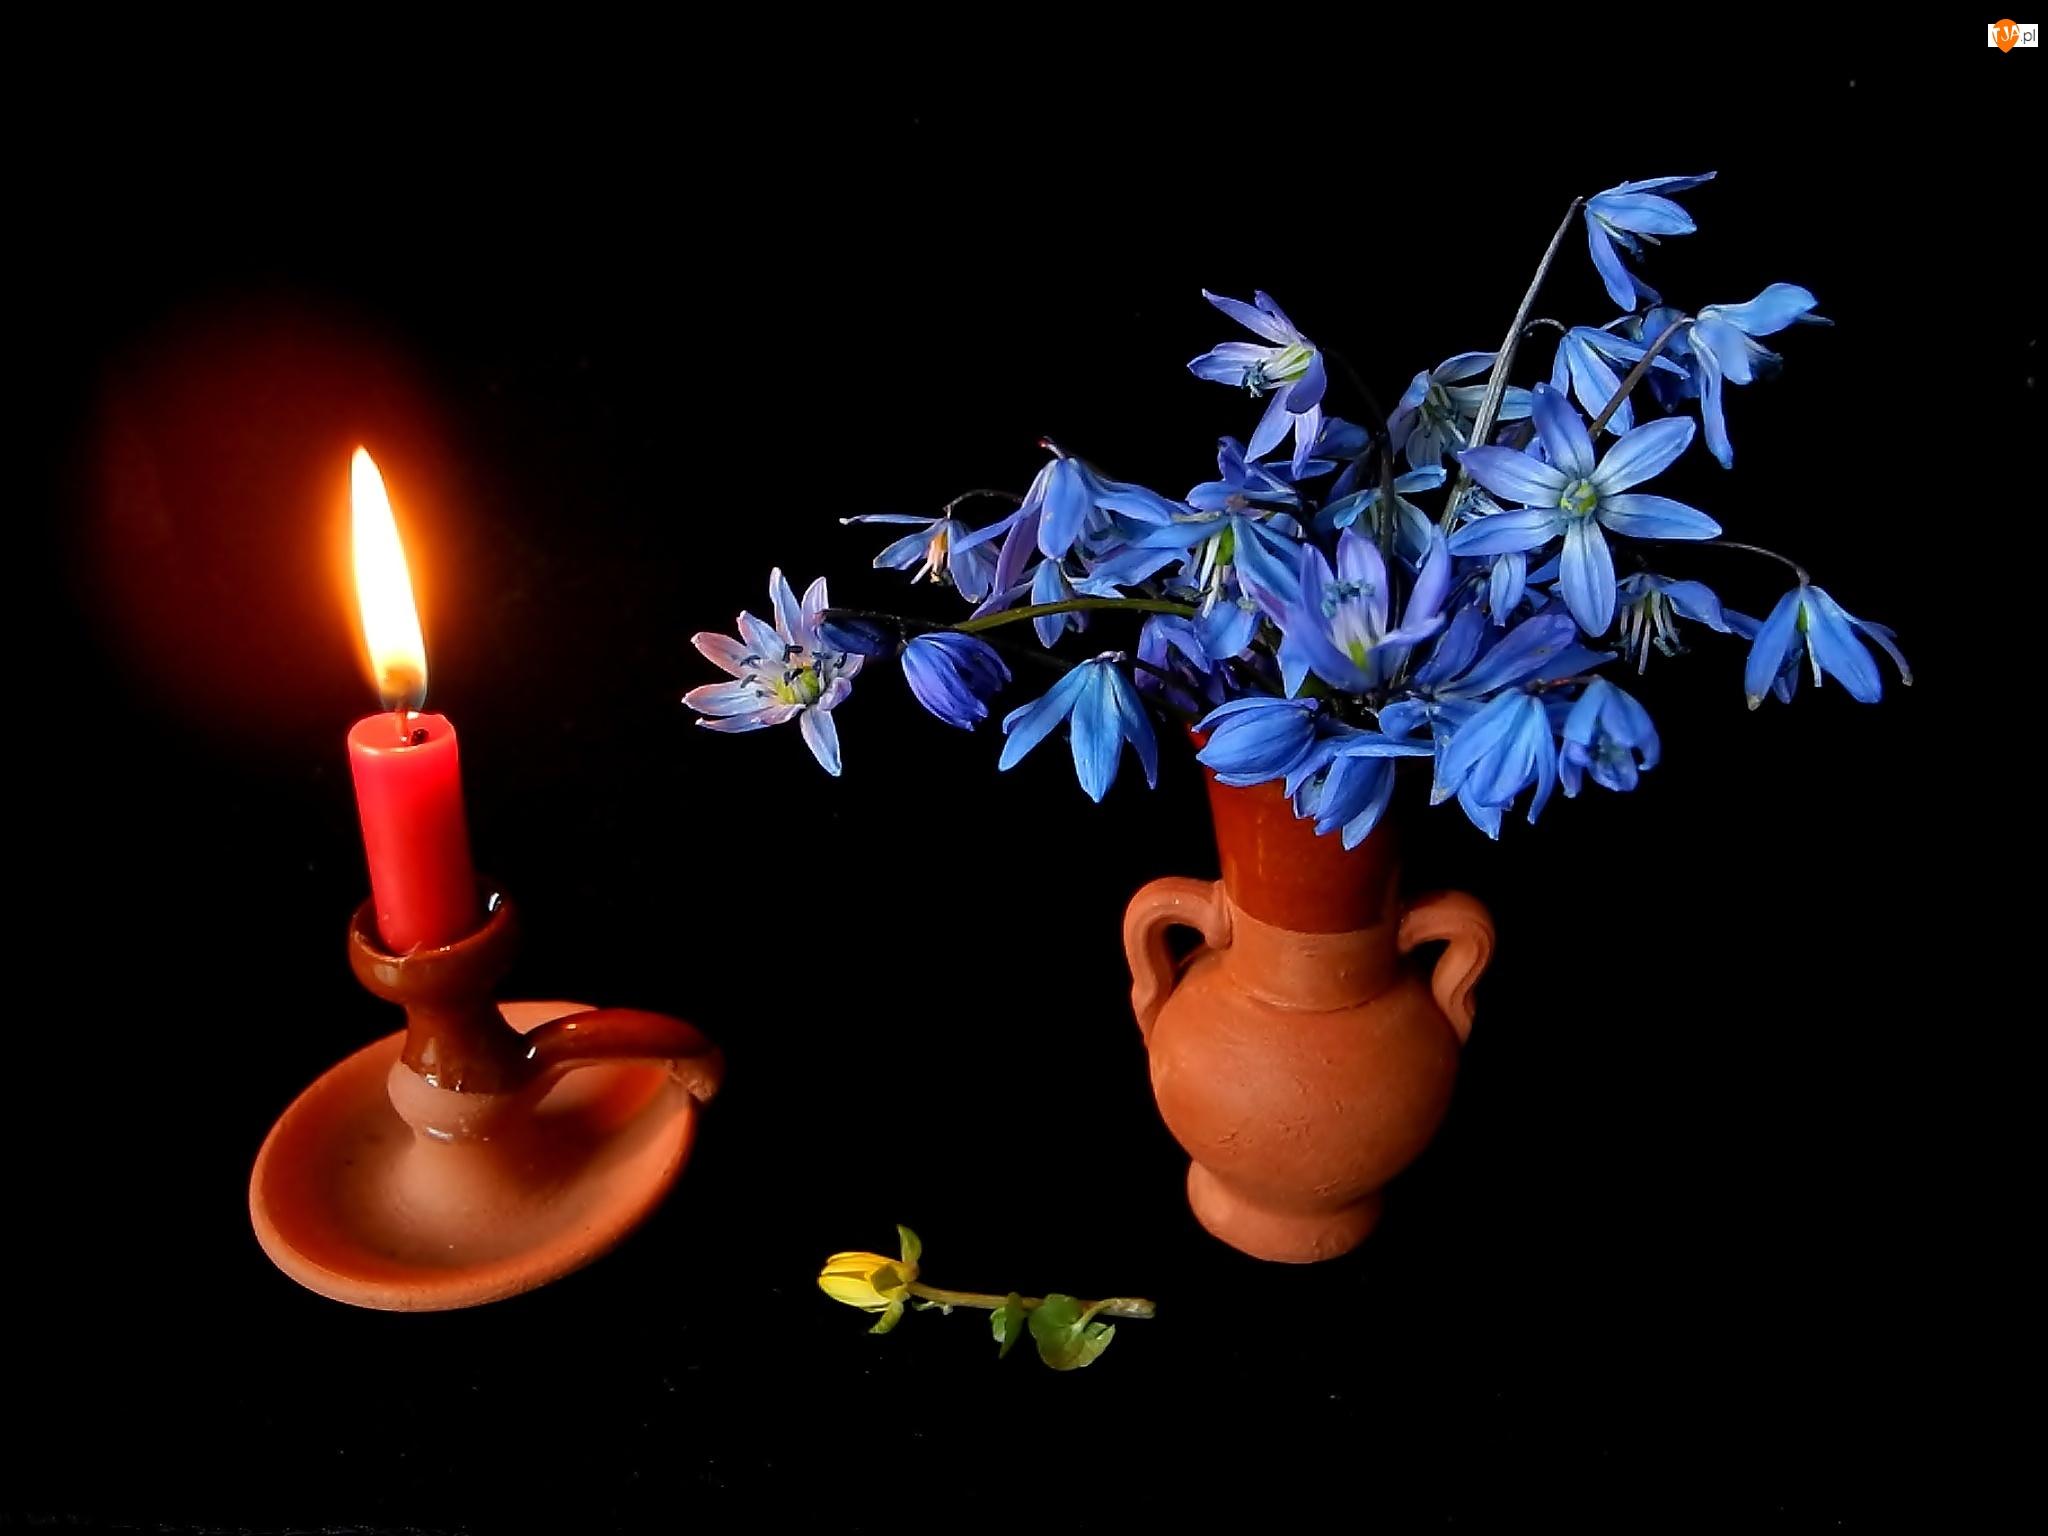 Cebulica syberyjska, Kompozycja, Świeca, Flakon, Bukiet Kwiatów